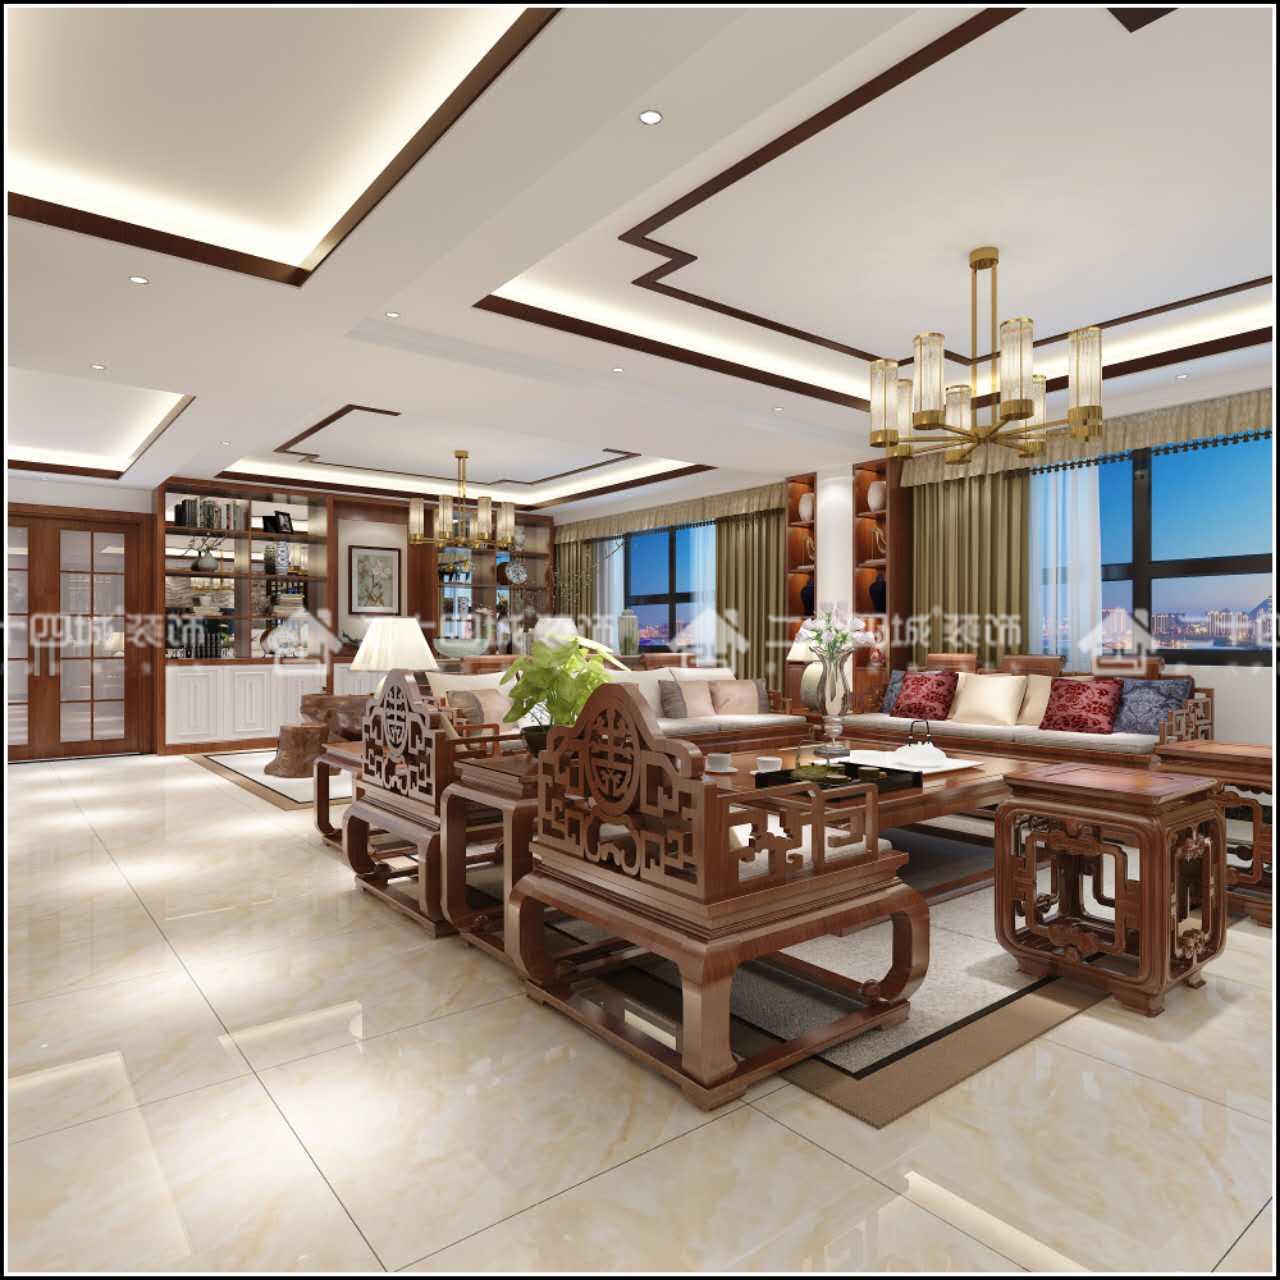 新中式 中式 古典 舒适 定制家装 未来家 客厅图片来自二十四城装饰(集团)昆明公司在伟龙花园 新中式的分享